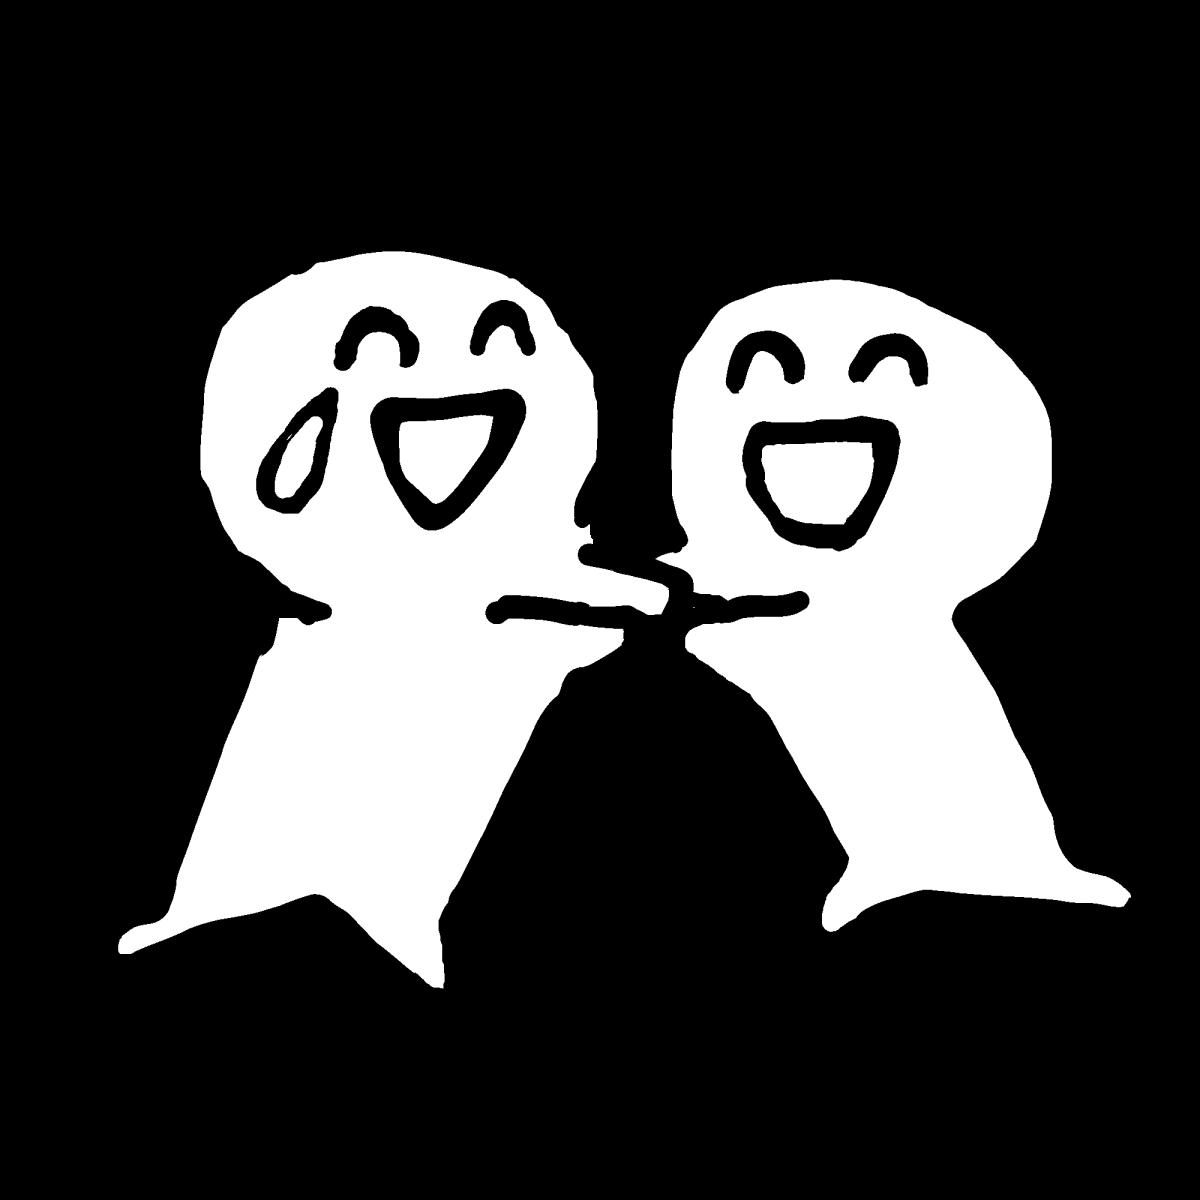 仲間と大喜び2のイラスト / Exultant with friends2 (2type) Illustration